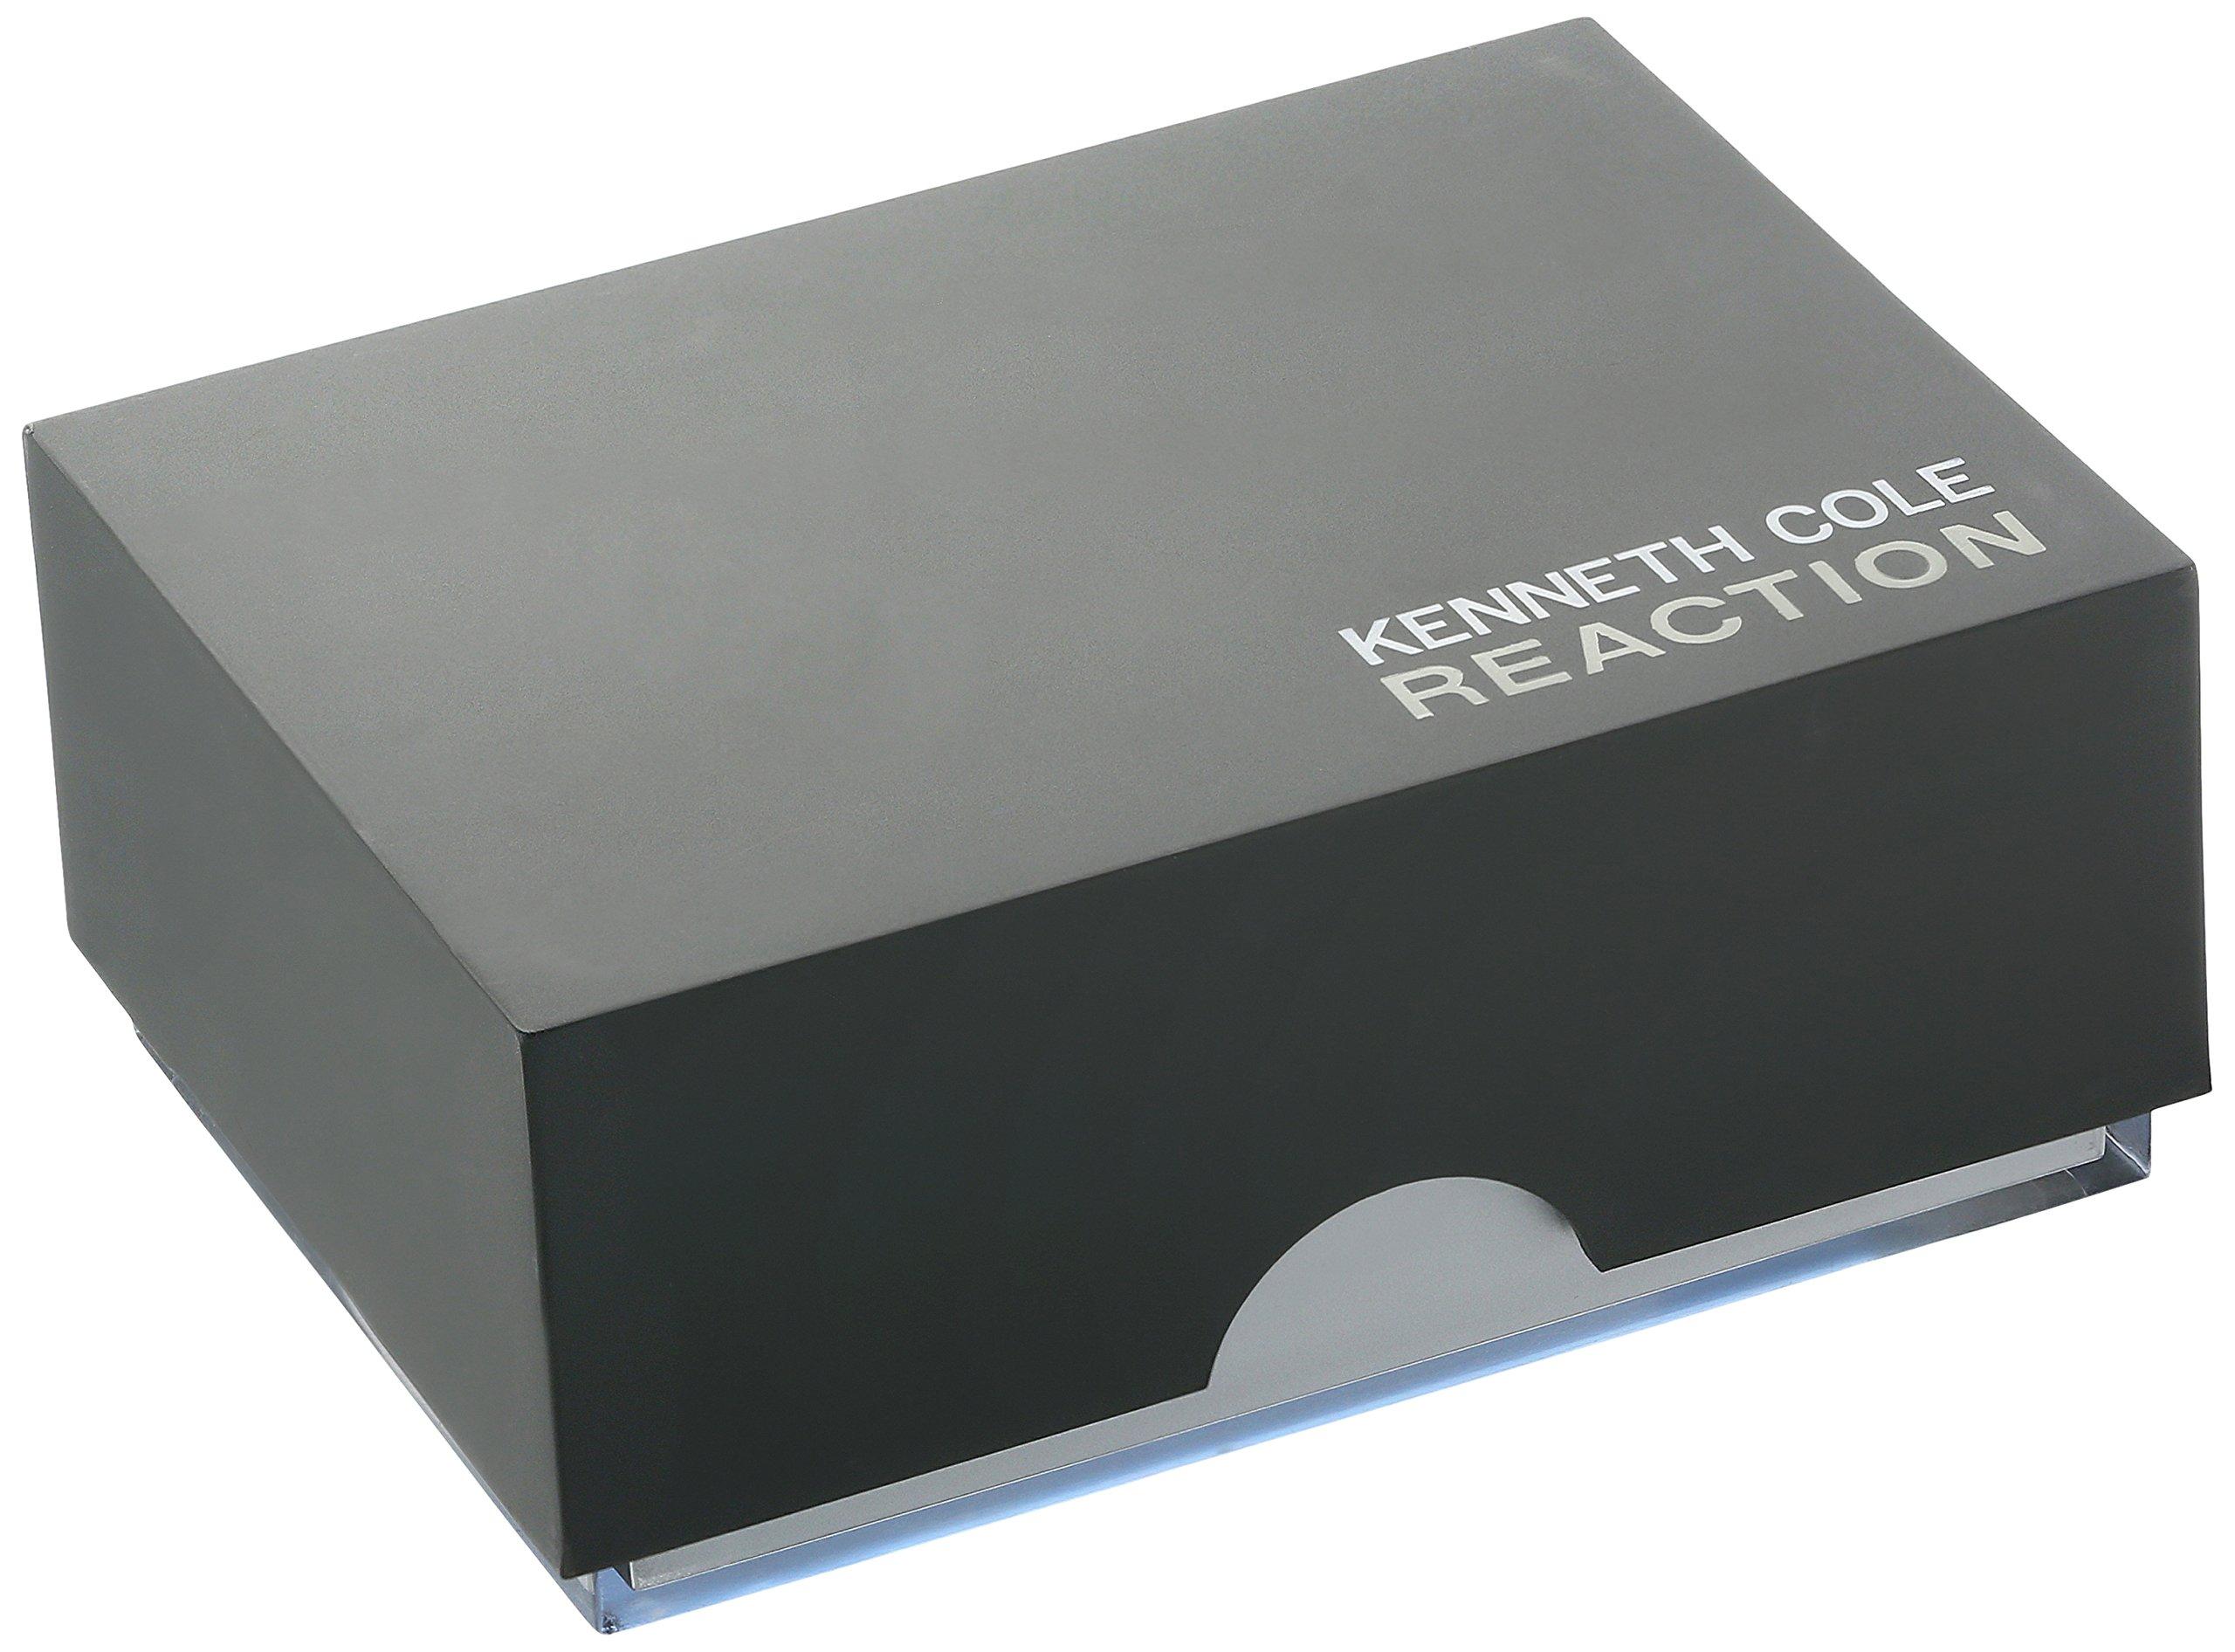 Kenneth Cole REACTION Men's Classic Tie Clip,Silver,One Size by Kenneth Cole REACTION (Image #3)